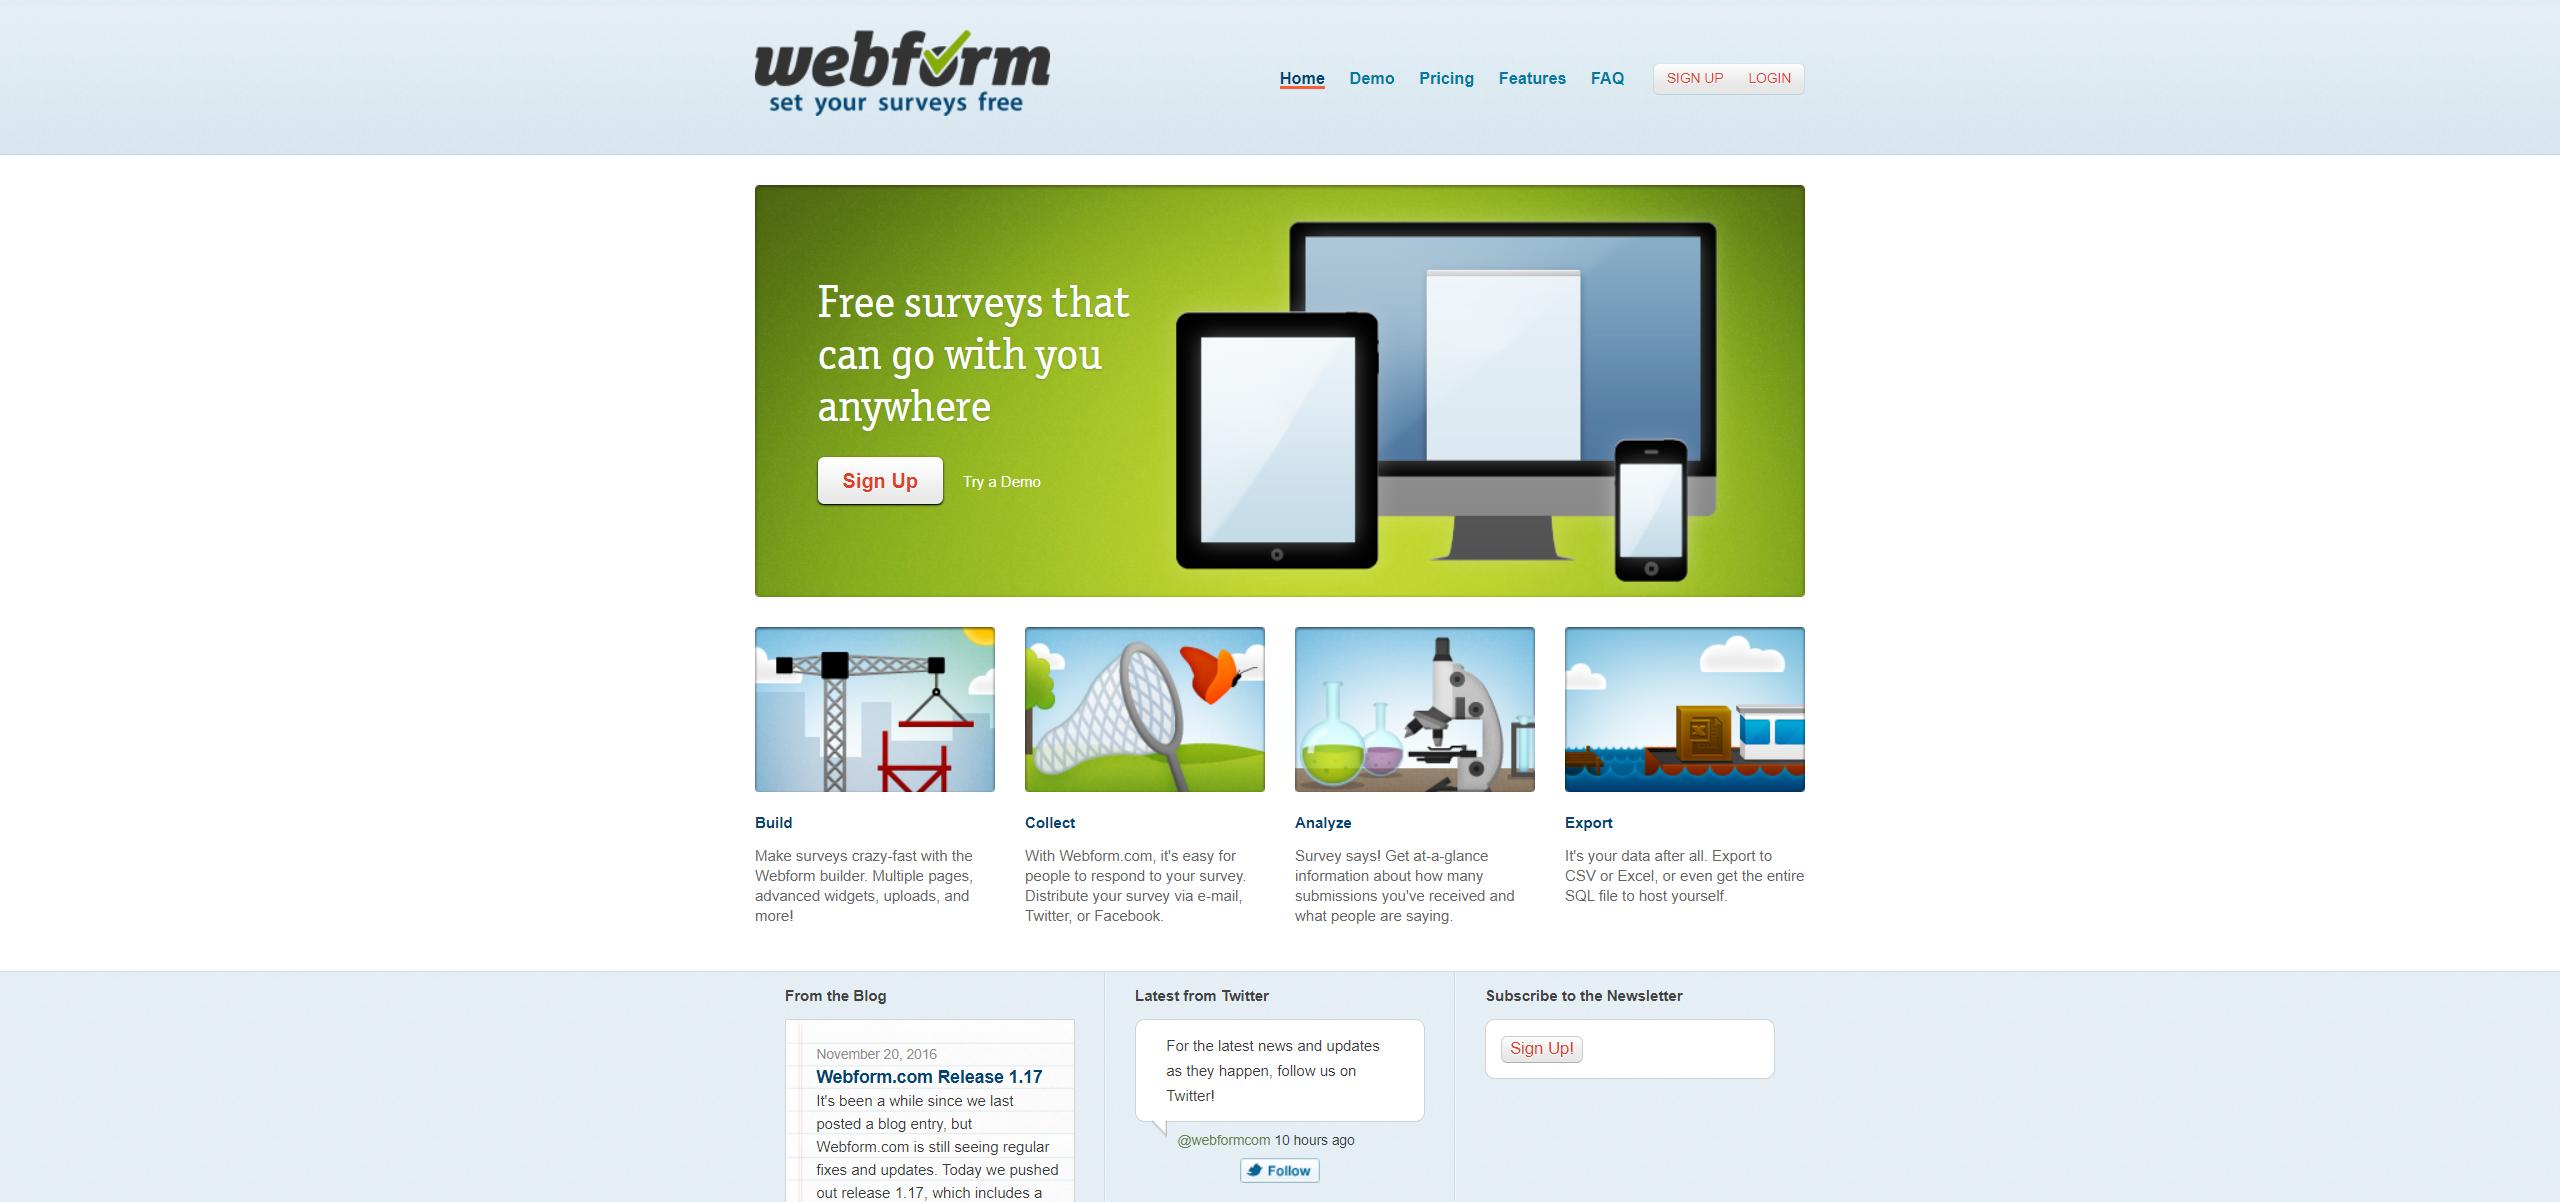 webform.com